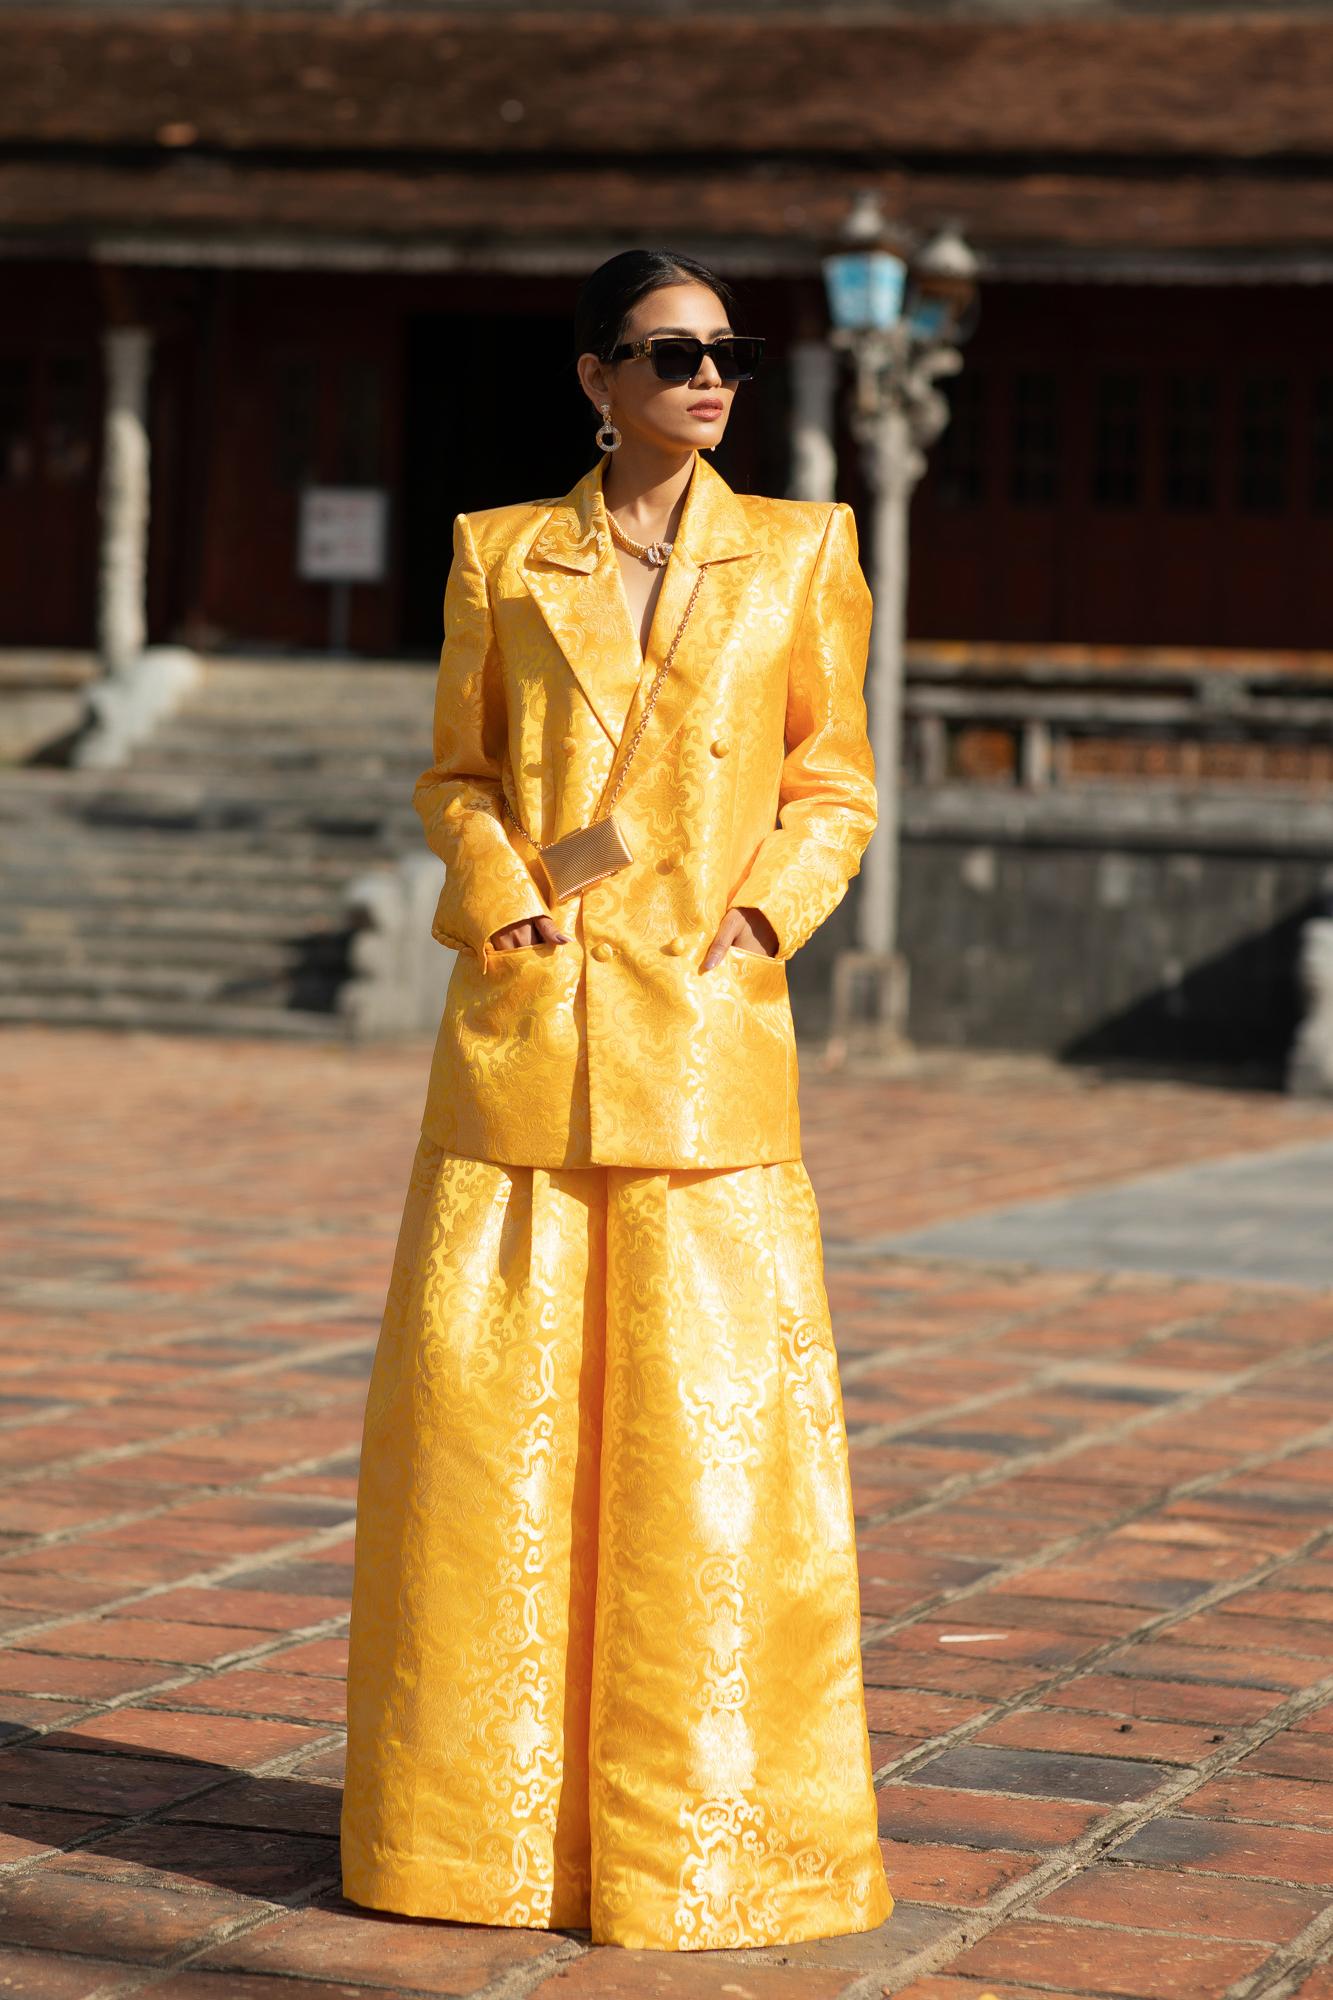 Đeo đôi khuyên hơn 2,5 tỷ siêu mẫu Võ Hoàng Yến tái hiện cú tung chân đá váy thần sầu trên sàn catwalk khiến người xem thốt tim - Ảnh 13.